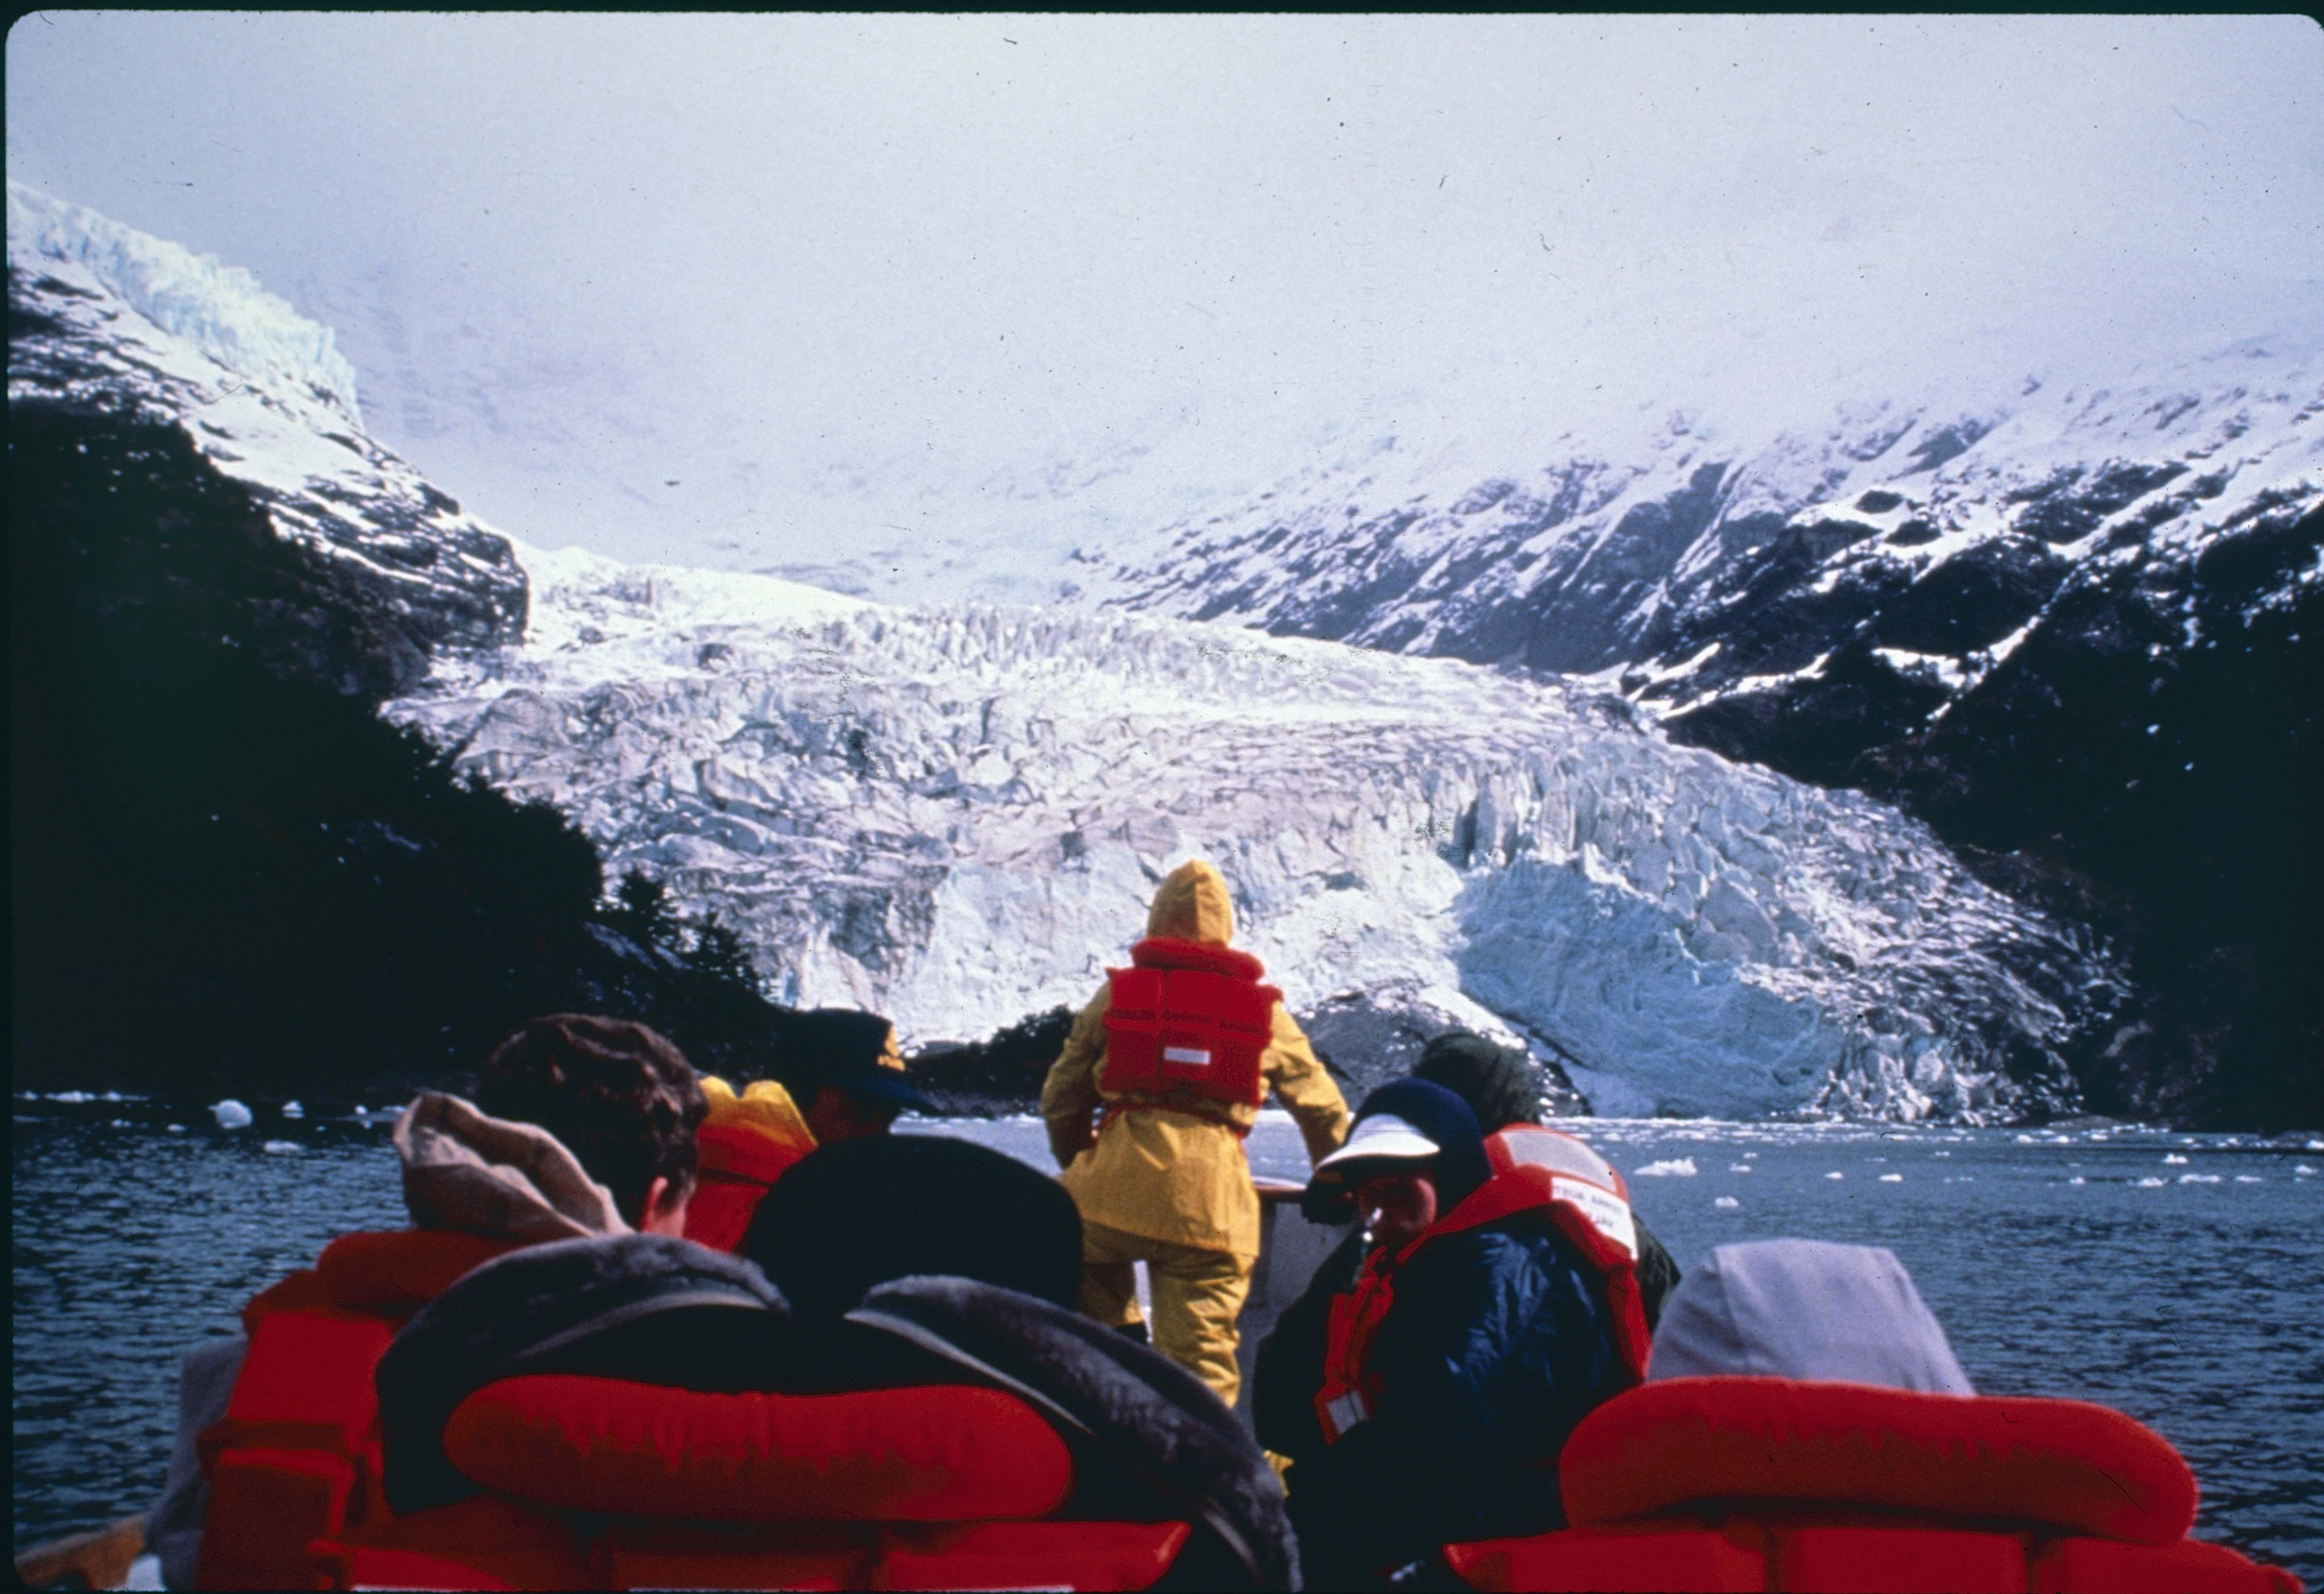 Enterreno - Fotos históricas de chile - fotos antiguas de Chile - Glaciar en los 90s